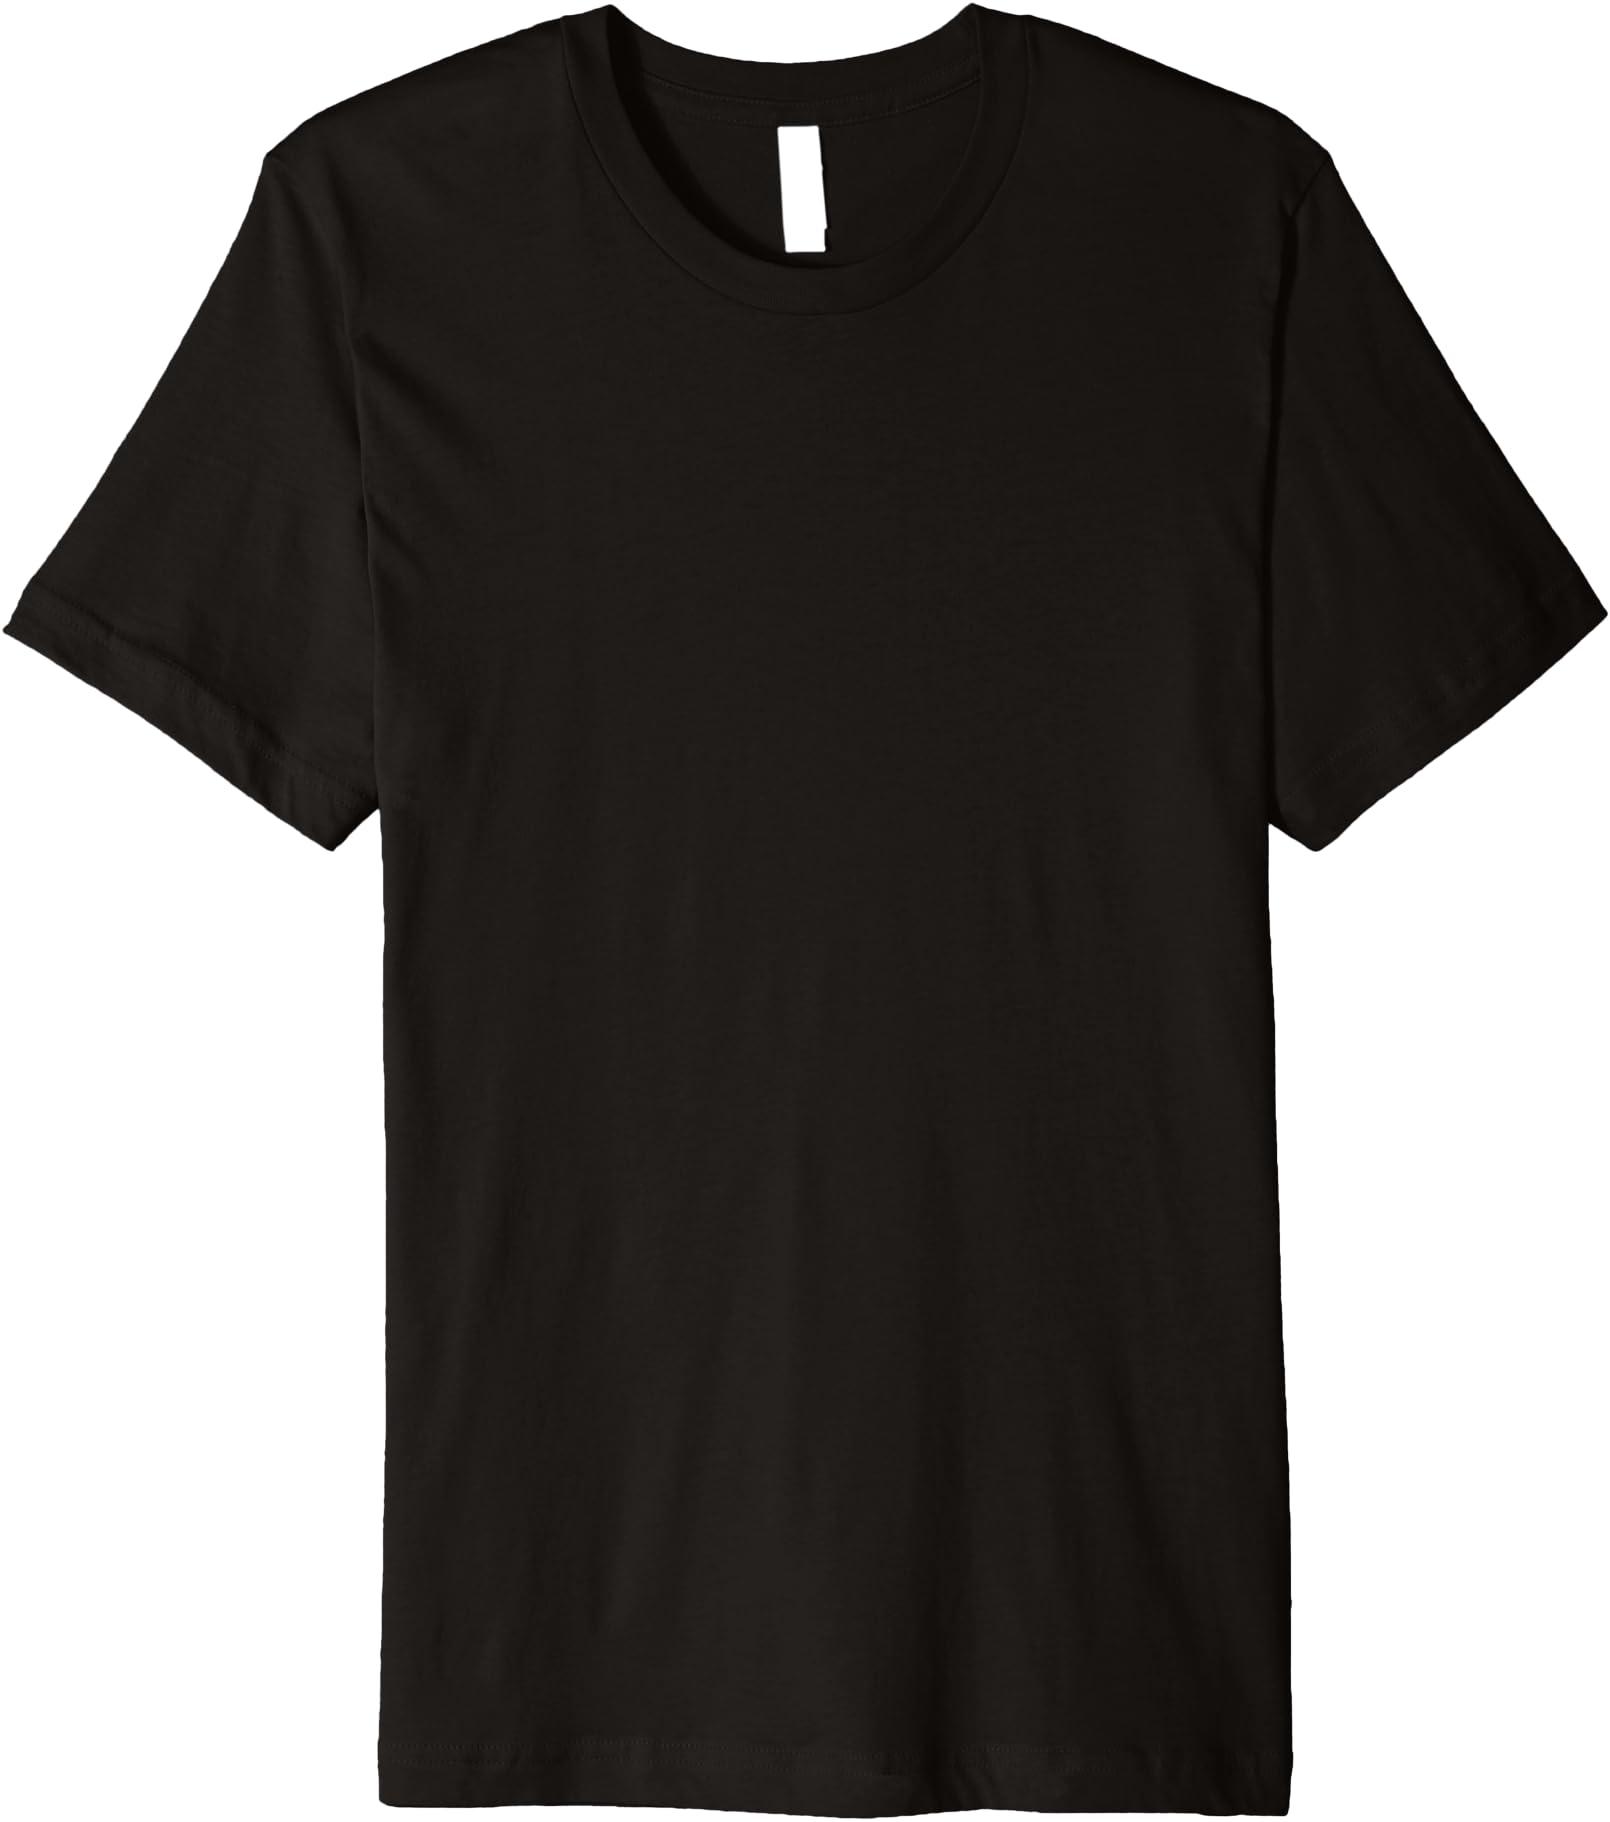 Partners in Wine Shirt Funny Wine Drinkers Wino Vineyard Gift Tshirt Short-Sleeve Unisex T-Shirt